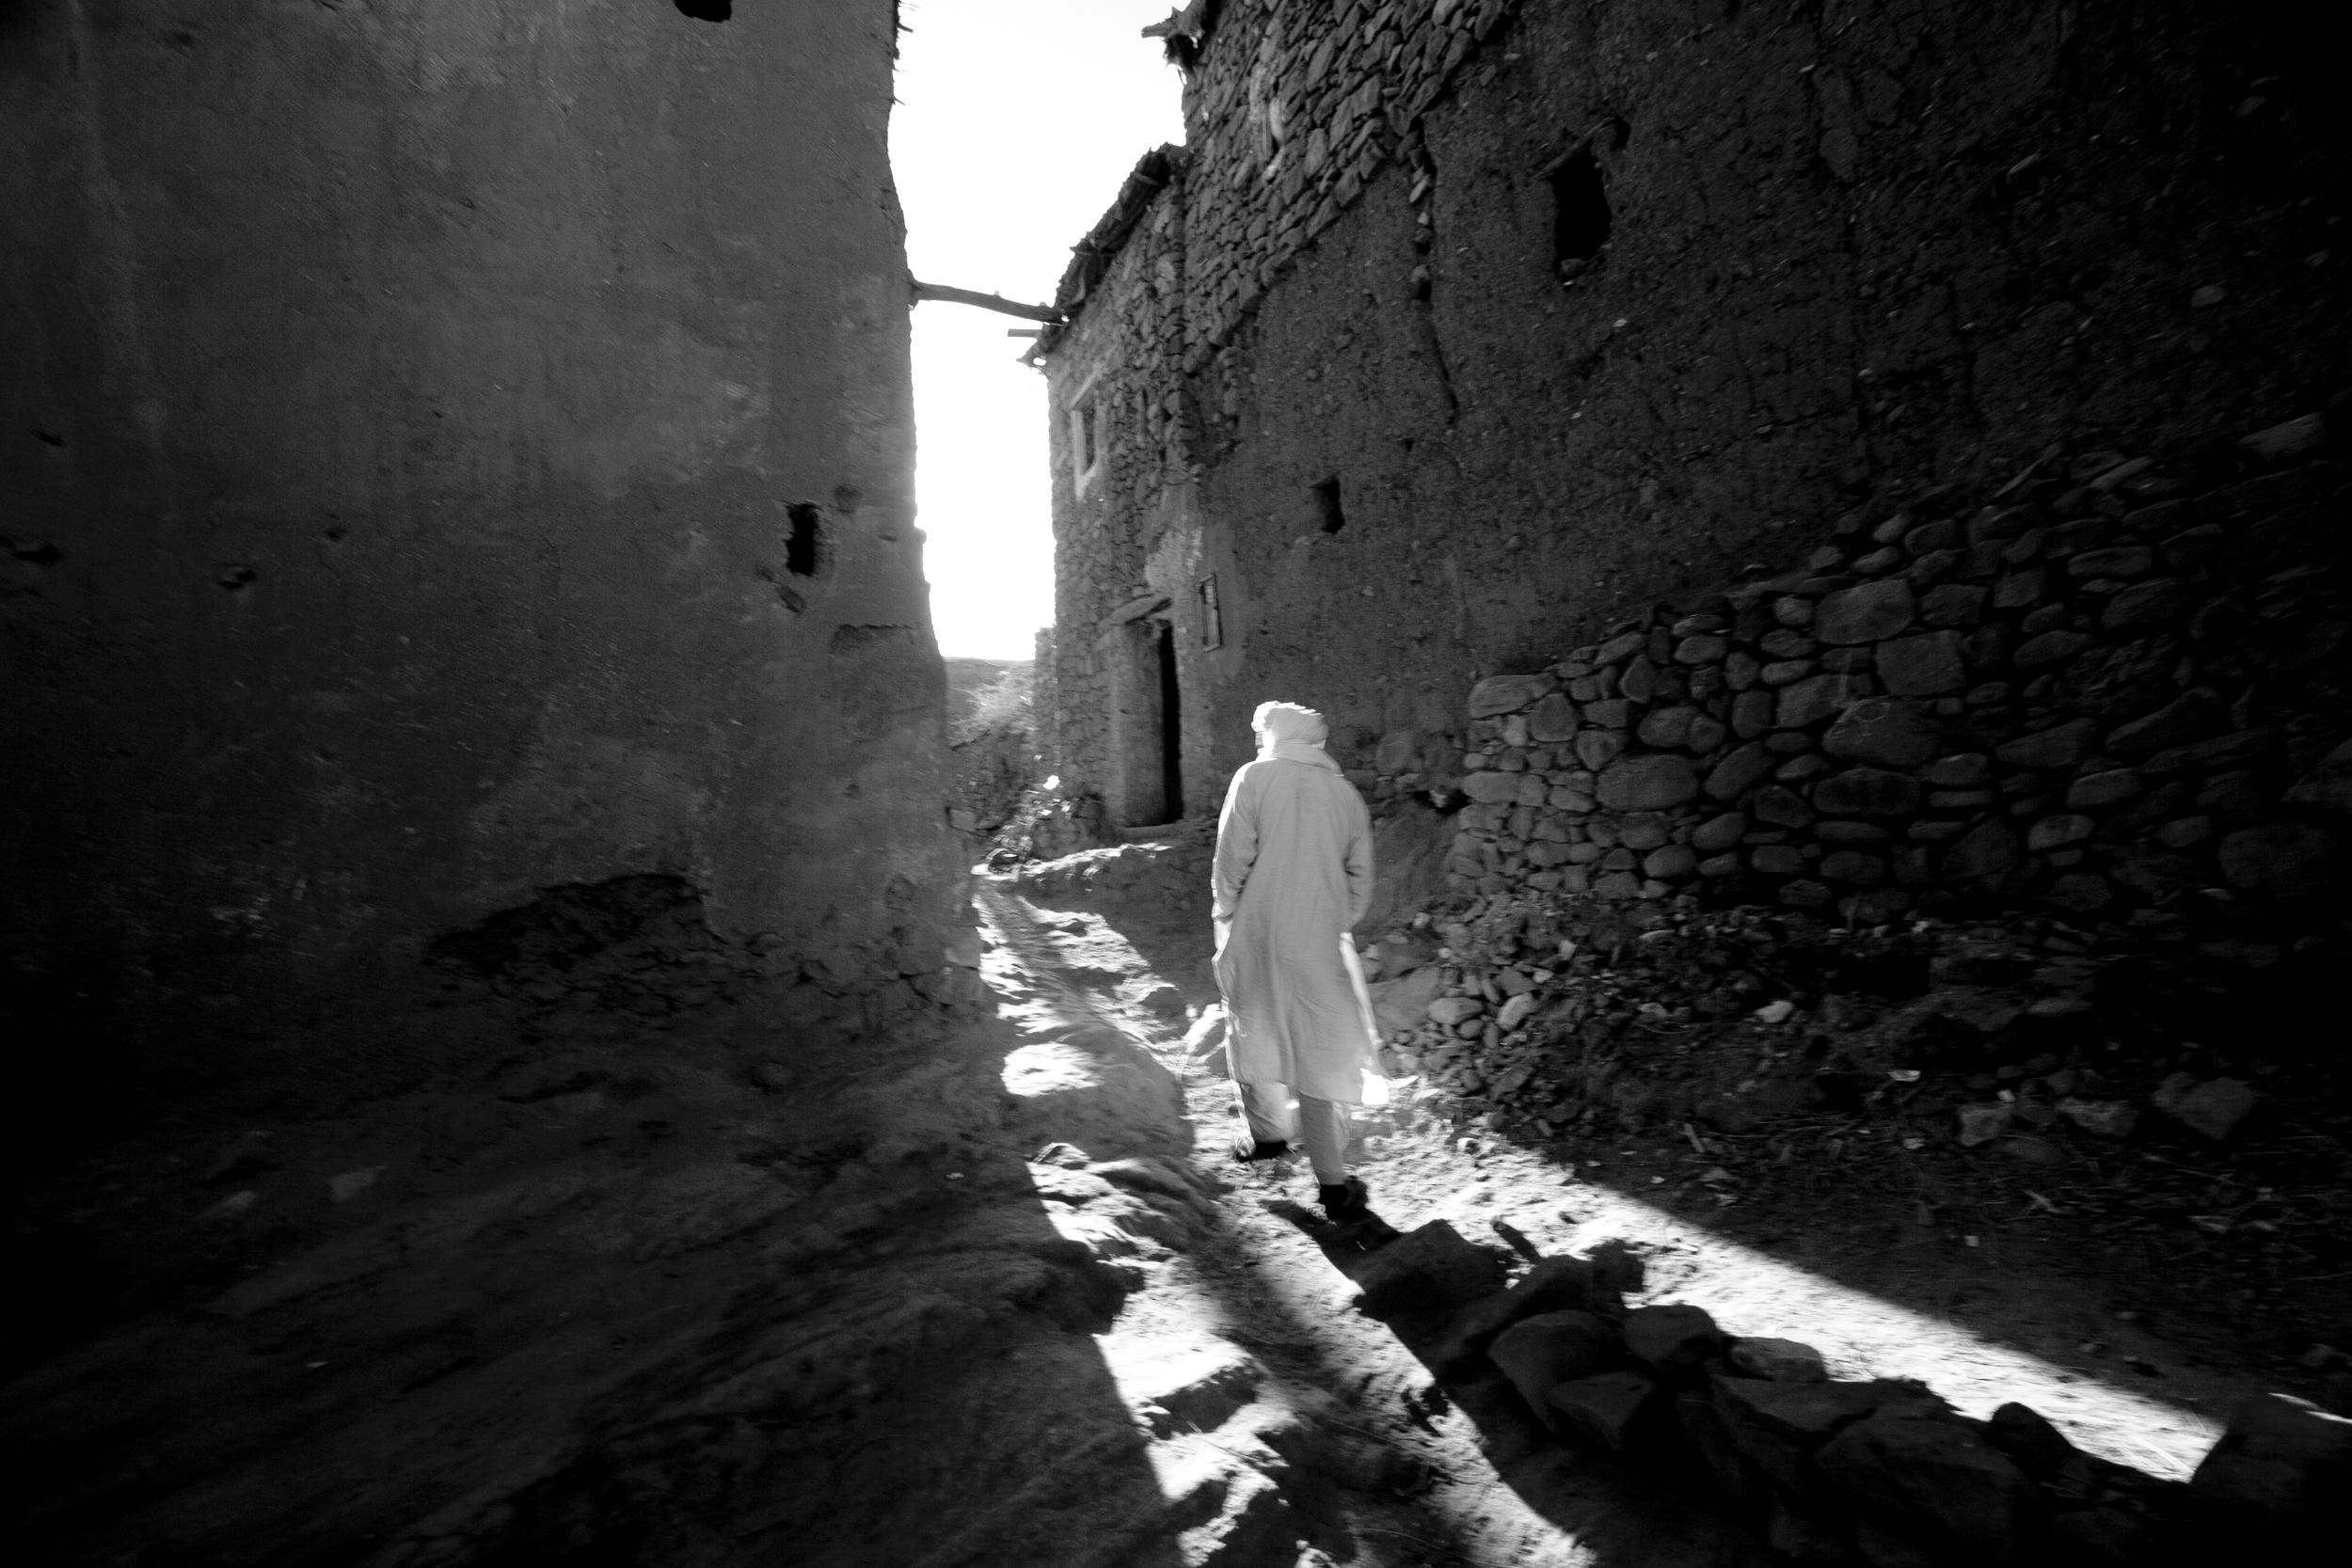 Vikk_Shayen_portfolio_Maroc-nov2008-8289.jpg